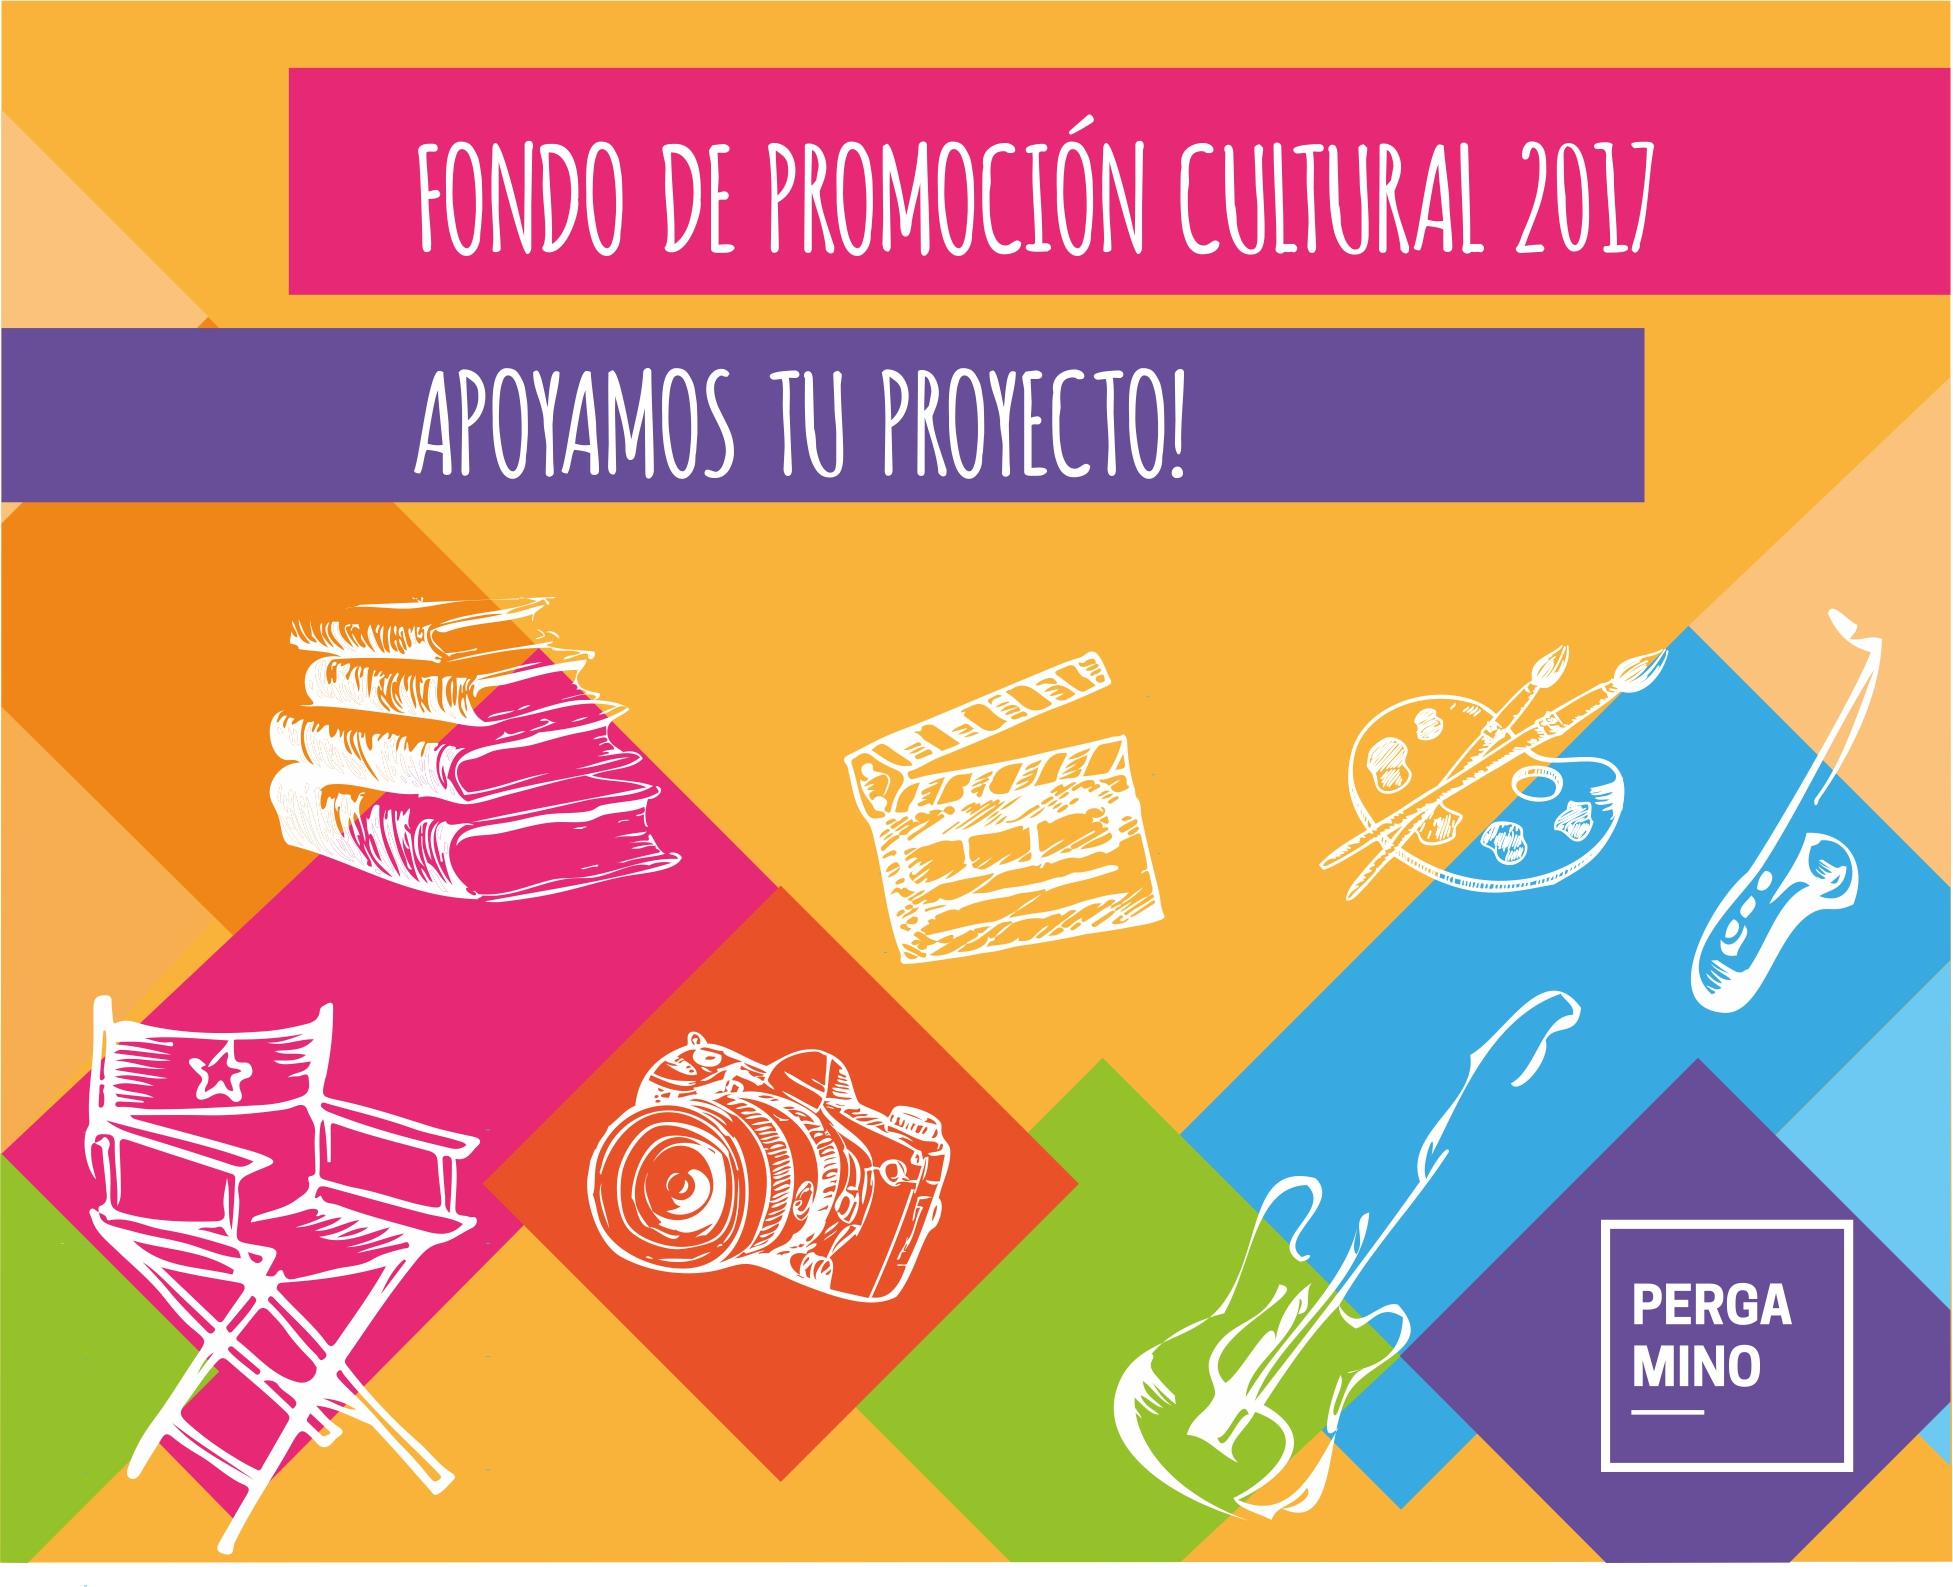 fondo promocion cultural 2017